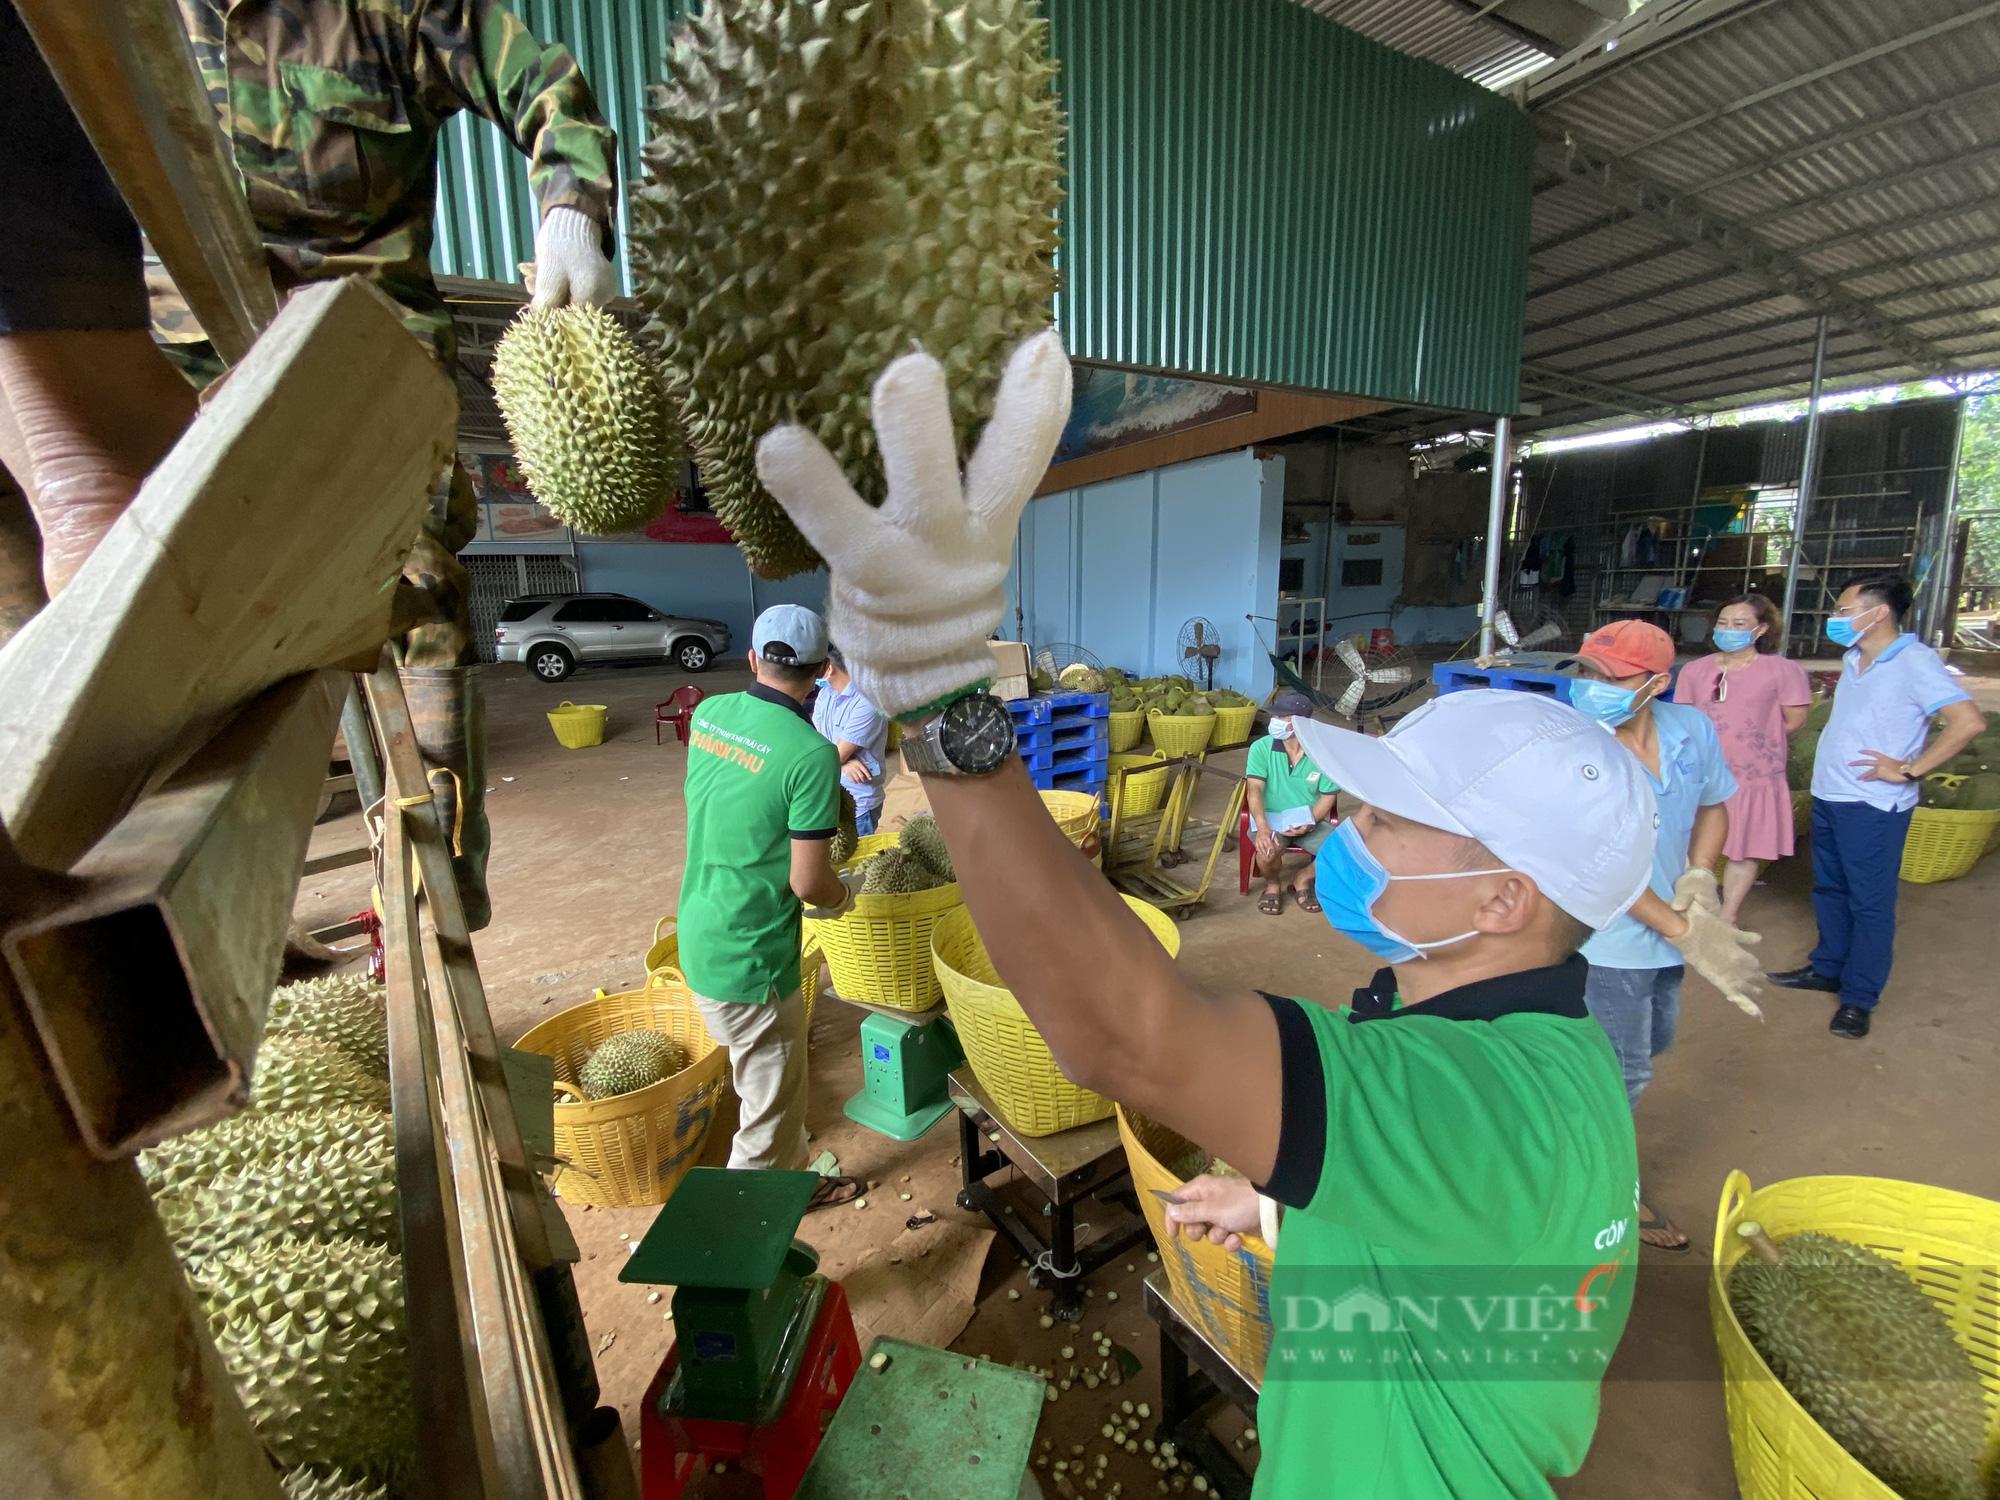 Đắk Lắk: Thủ phủ sầu riêng tìm lối ra trước những khó khăn mùa dịch Covid-19  - Ảnh 2.